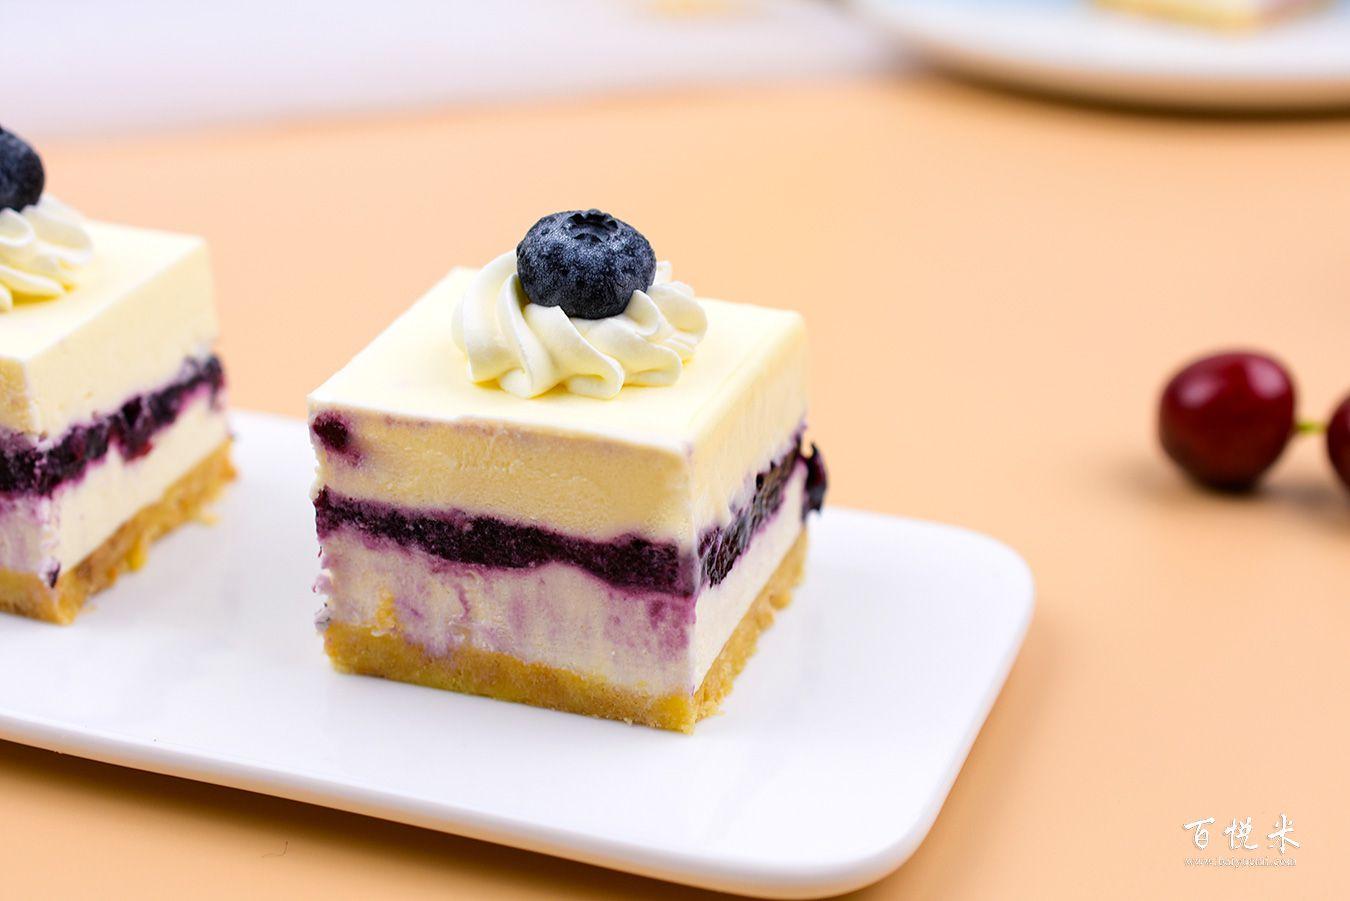 蓝莓芝士蛋糕高清图片大全【蛋糕图片】_368